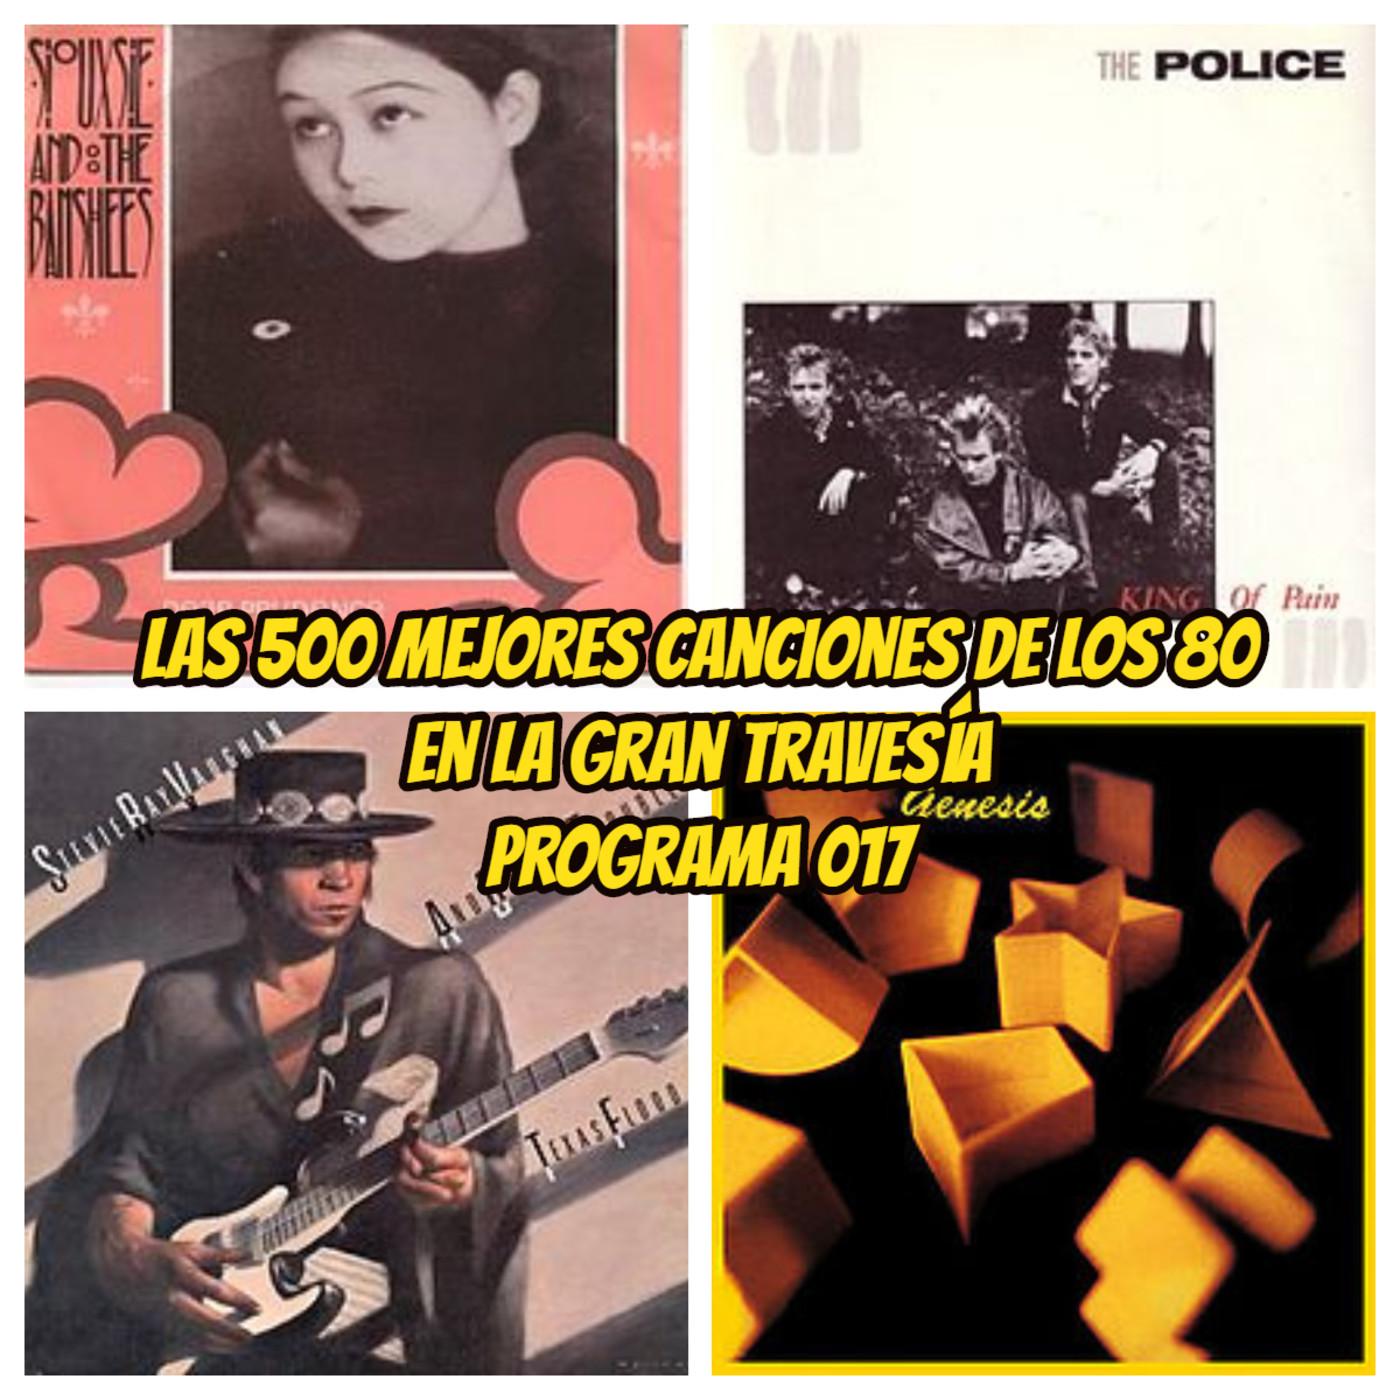 Las 500 mejores canciones de los 80. Programa 17